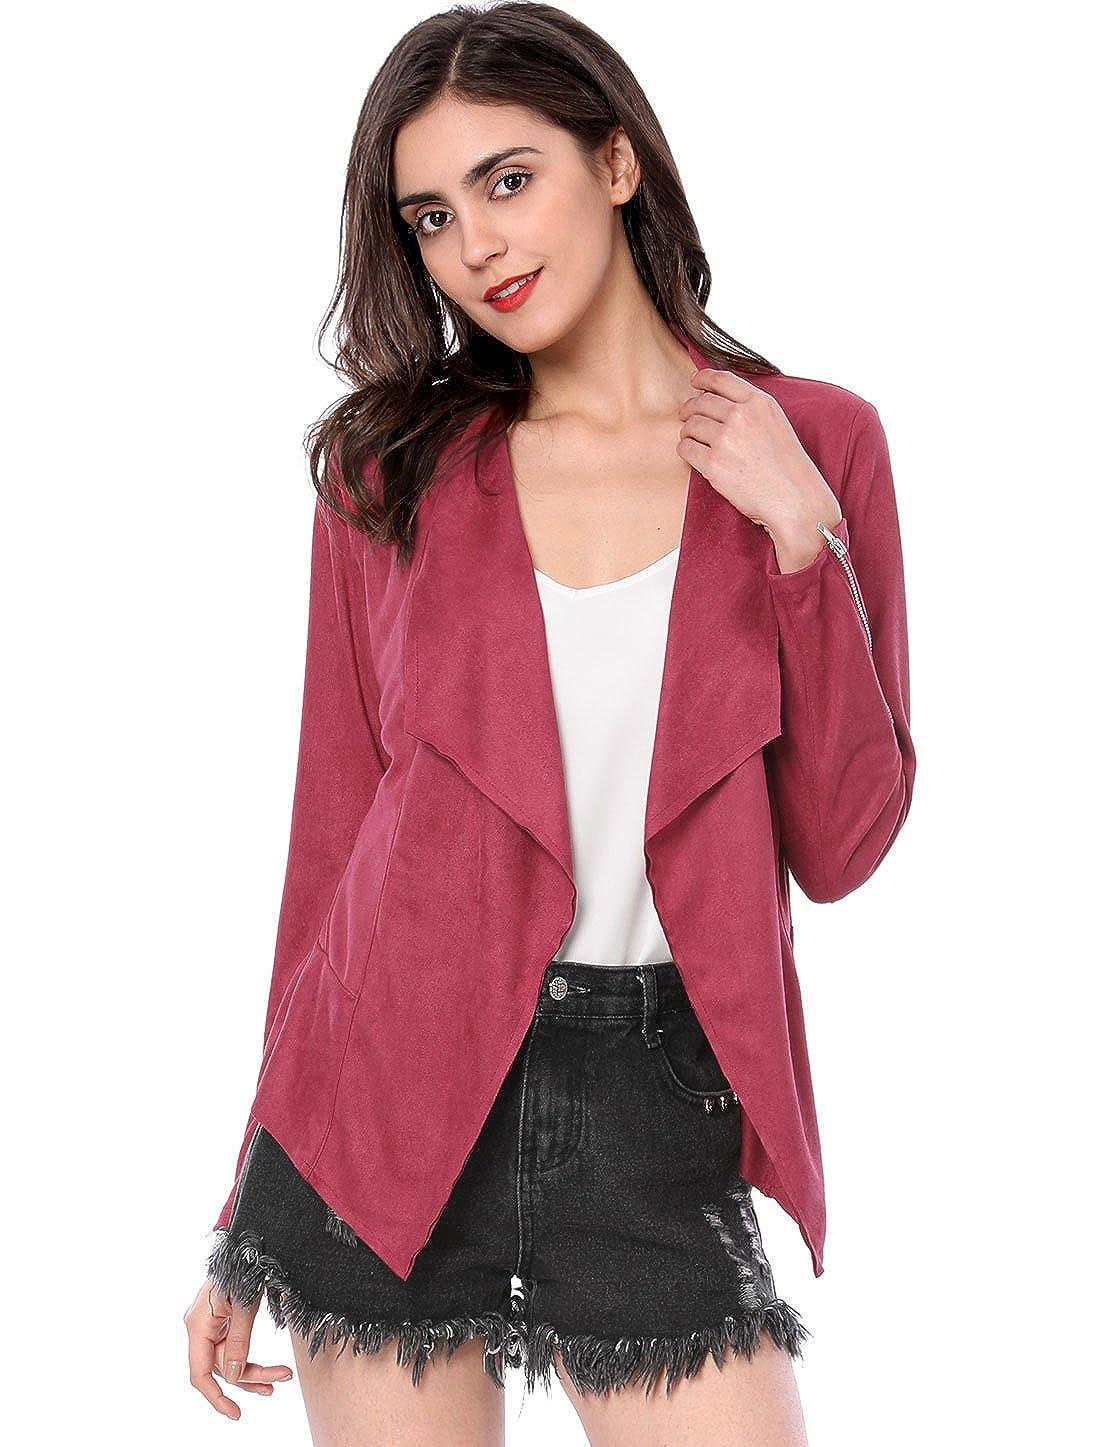 Allegra K Women's Zip up Cuffs Draped Open Front Faux Suede Jacket g17083100ux0006